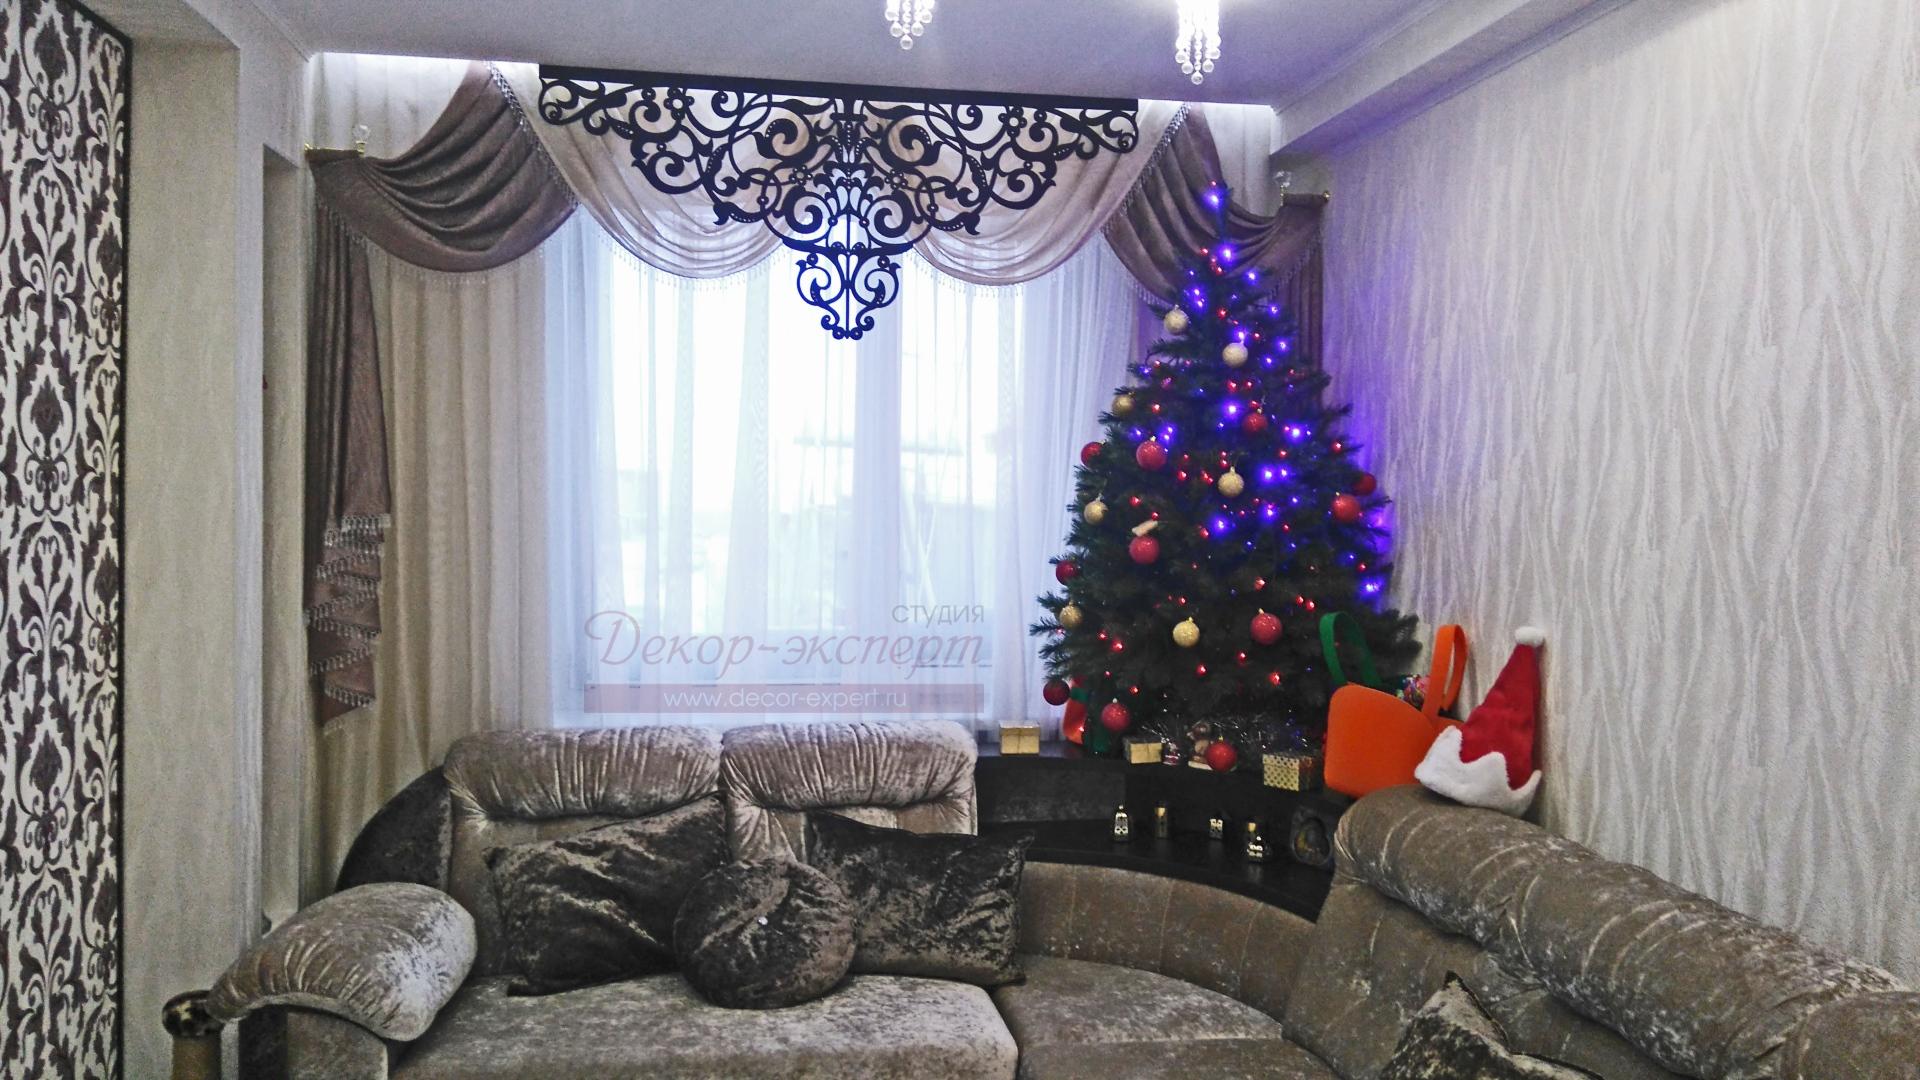 """Ажурный ламбрекен """"Флоренция"""" в комплекте со шторами на окне в гостиной у Светланы."""